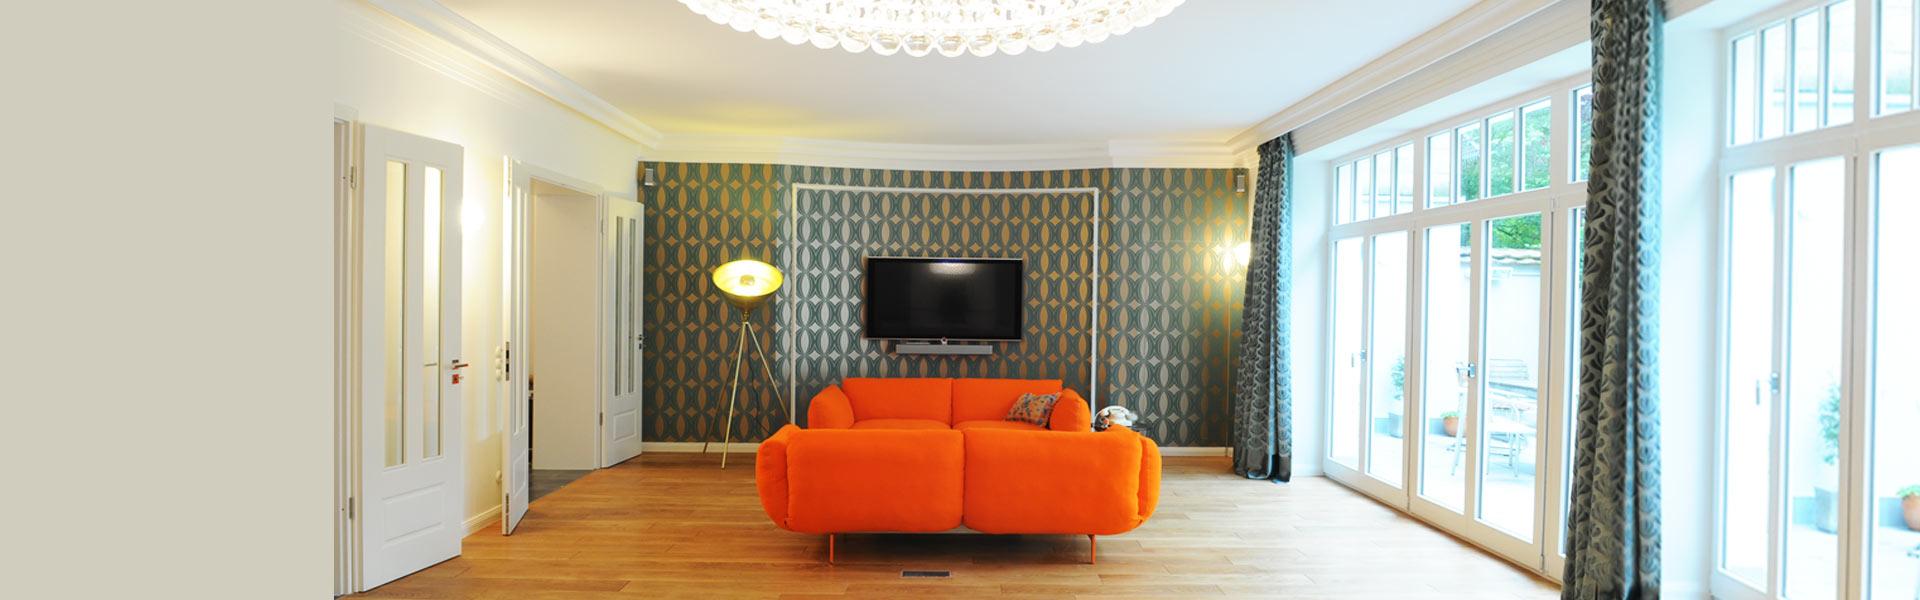 Genius Loci Baukultur Einfamilienhaus Architektur Innenarchitektur Düsseldorf